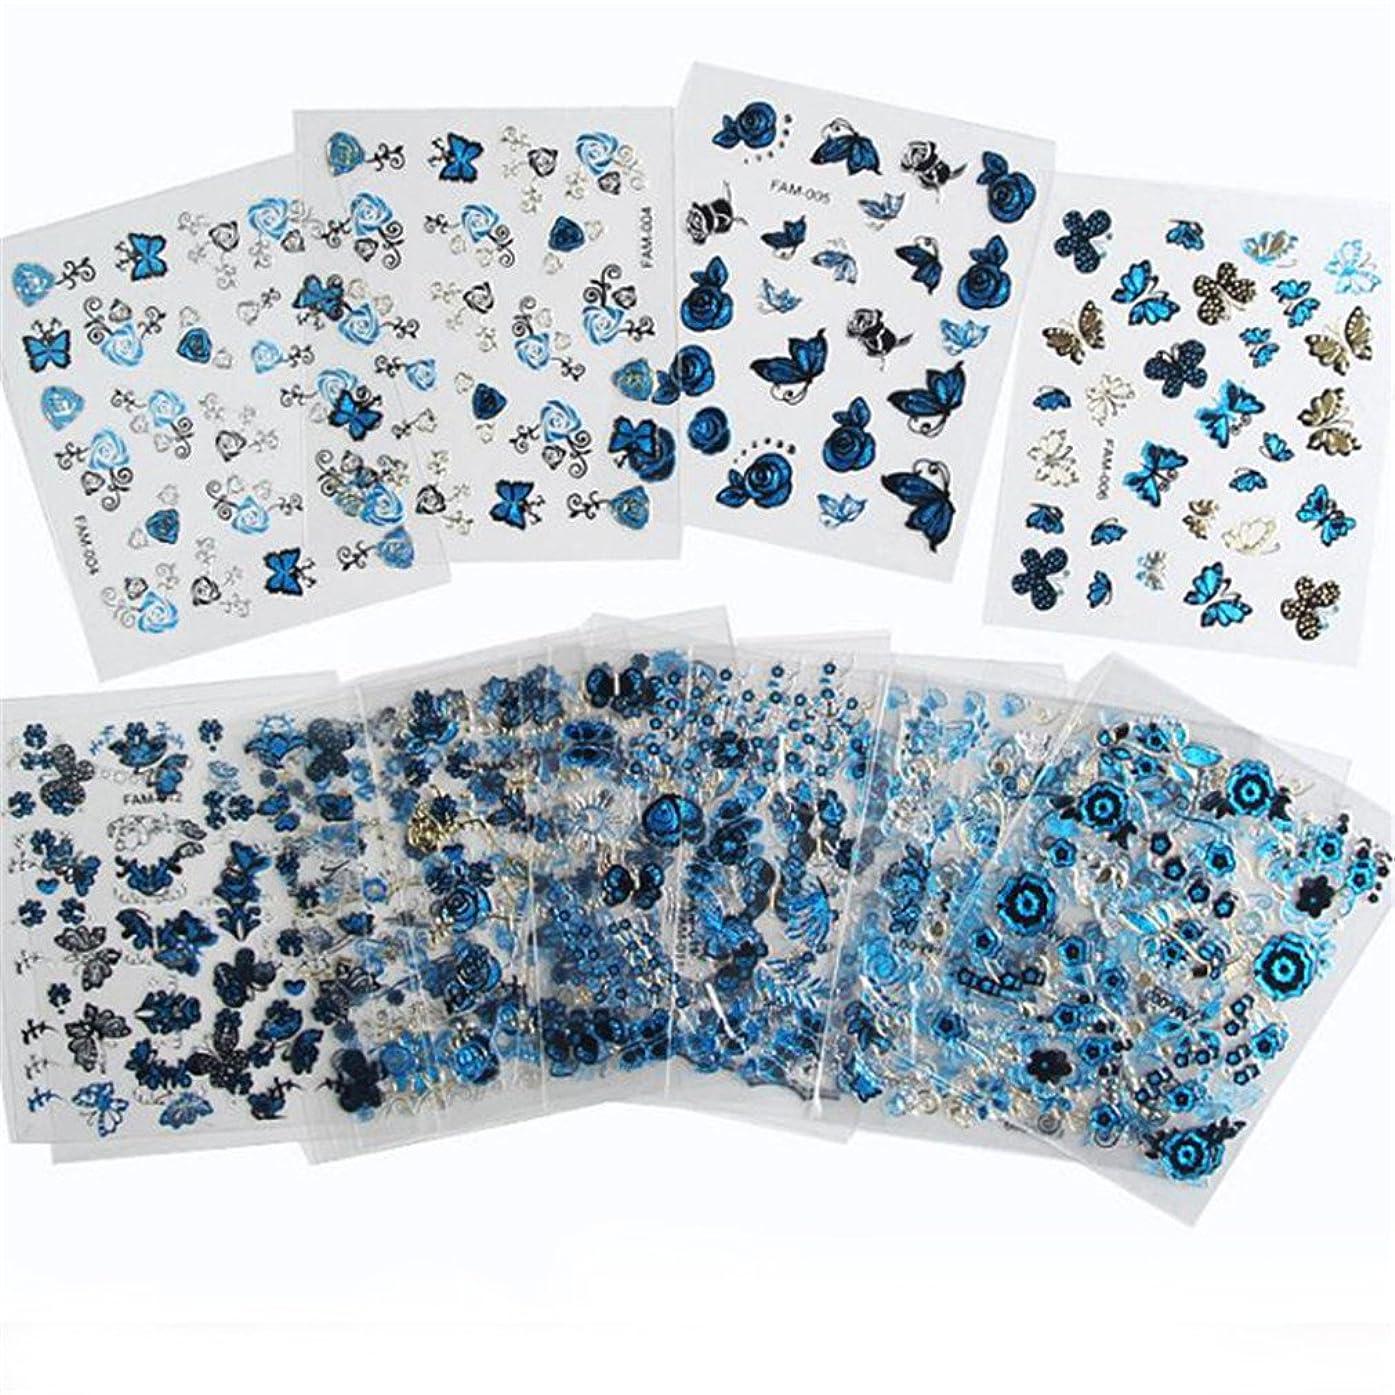 白菜切り刻む中にJIOLK ネイルステッカー 3Dシール 花 蝶 デザイン ブルー ウオーターシール ネイルシール ネイルアート ネイルデコ ネイルジュエリー ネイルキット セット